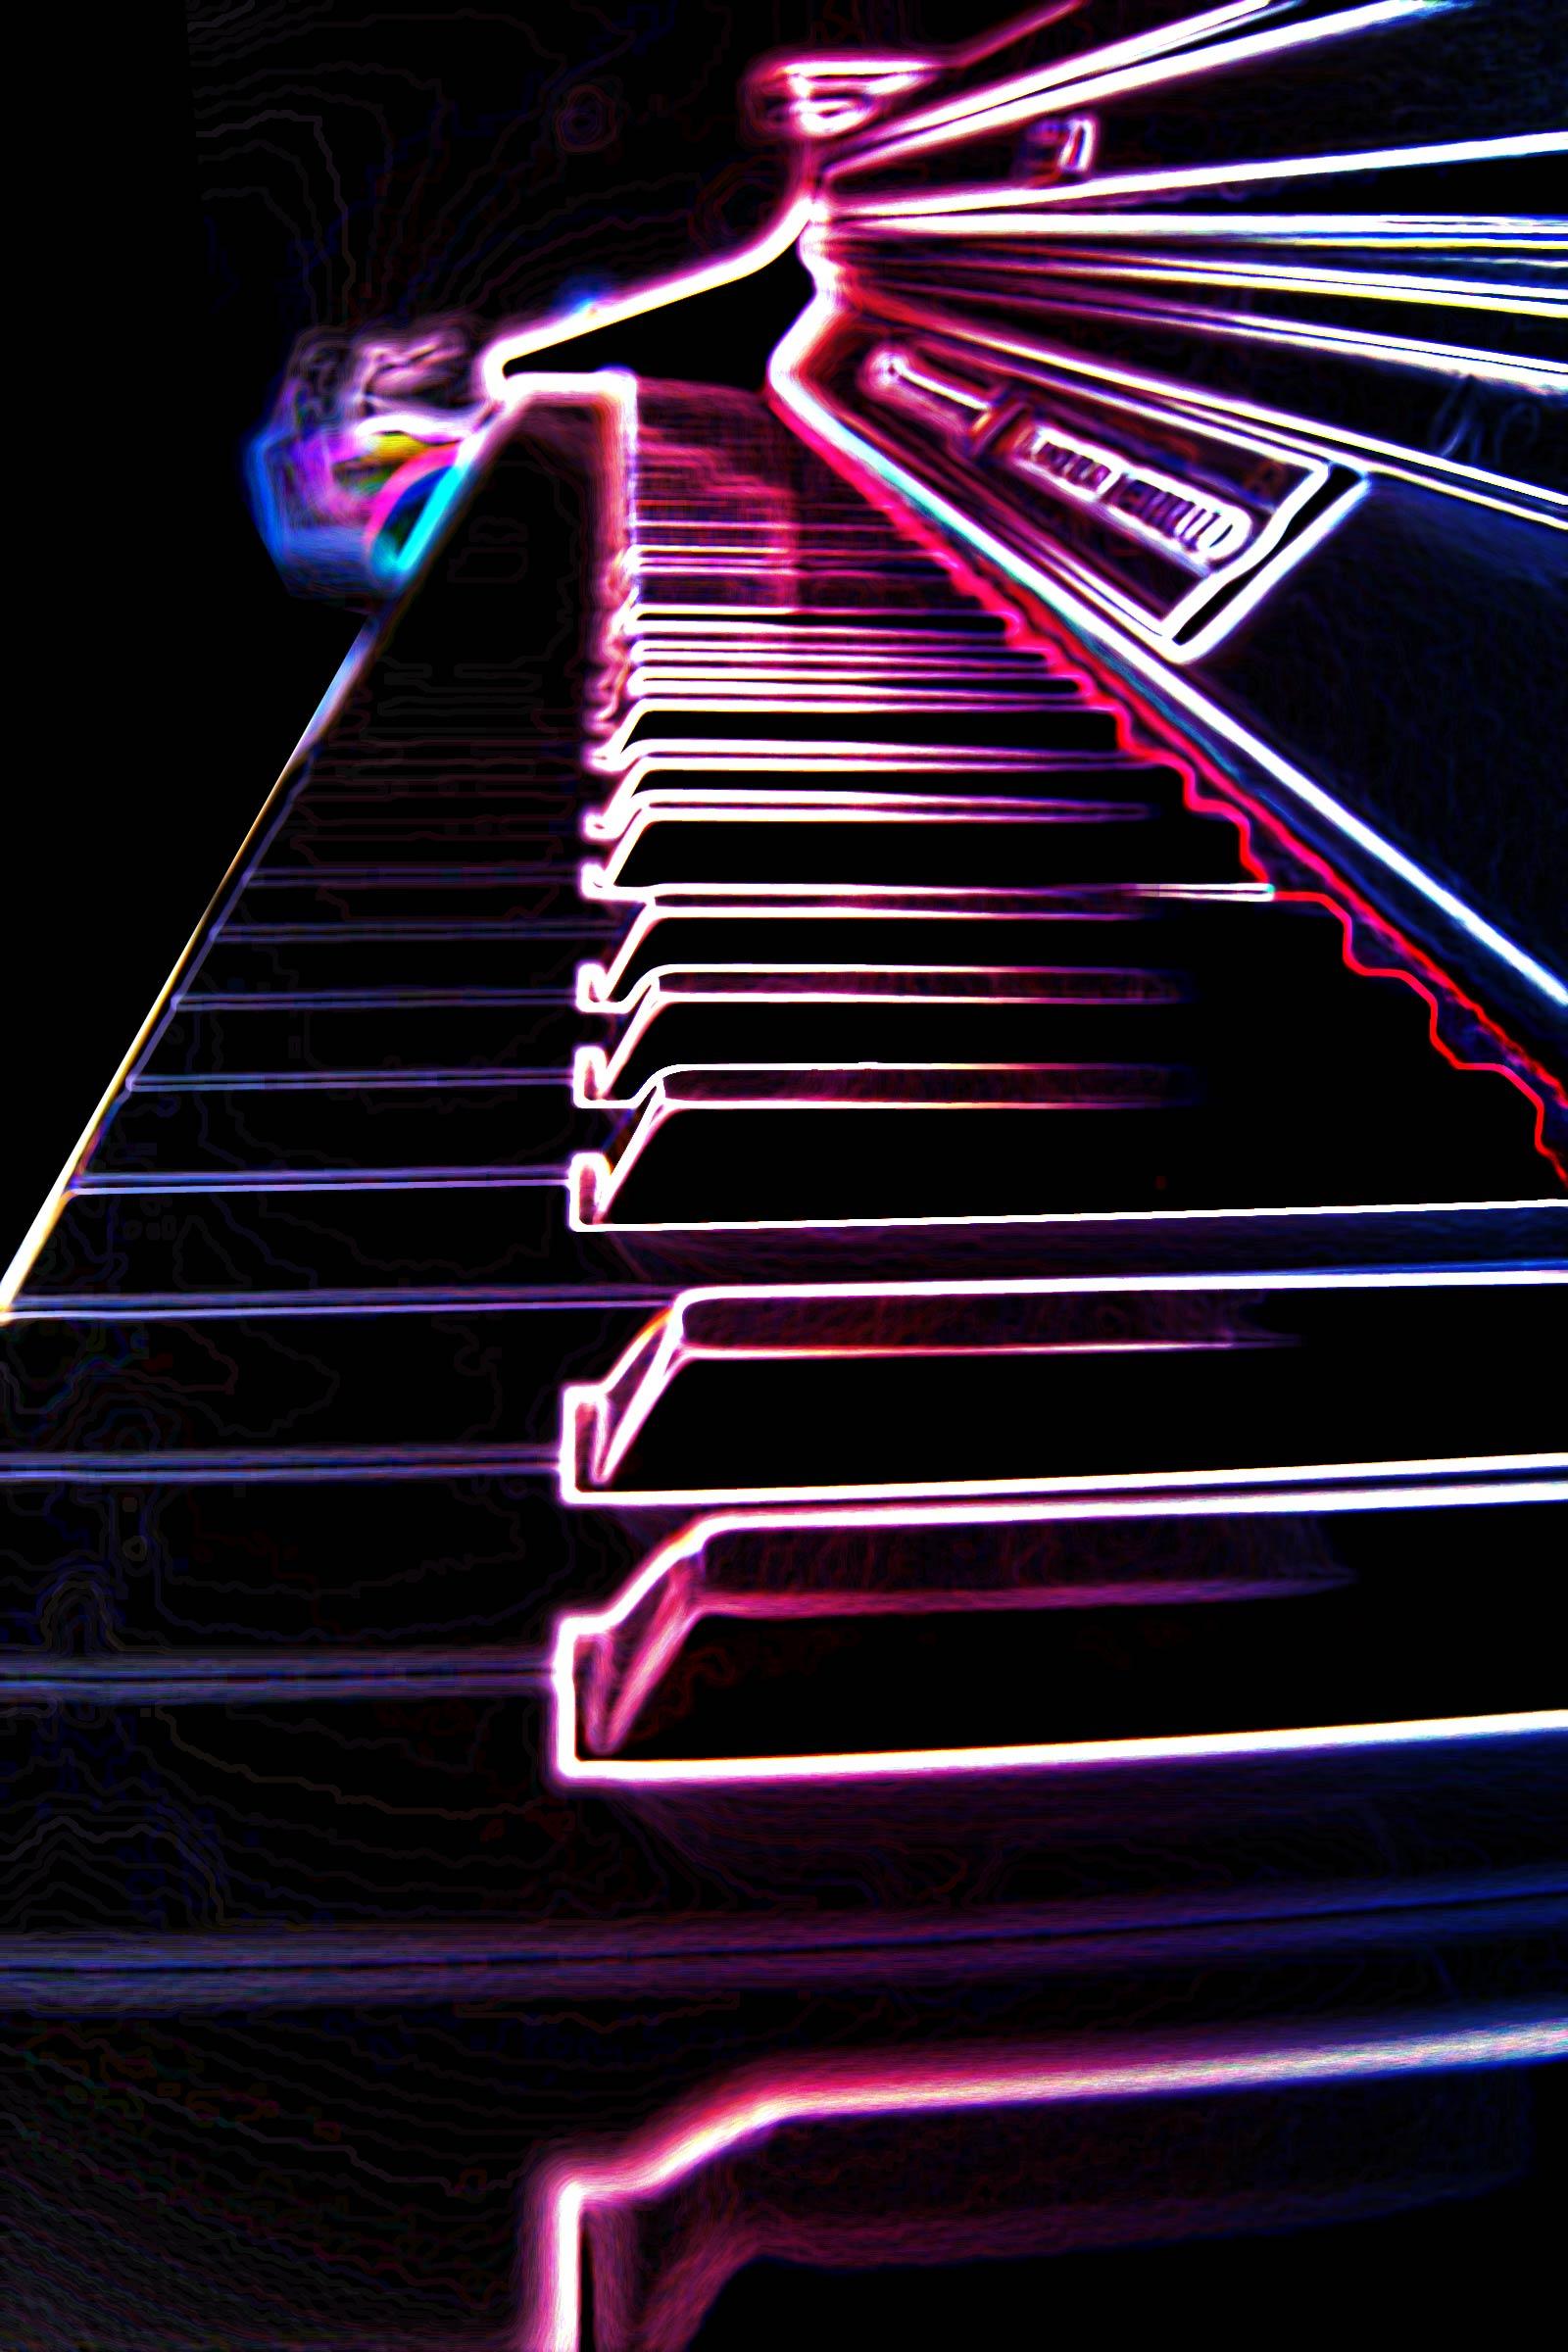 Ilustración gratis - EL piano eléctrico - luces de neón